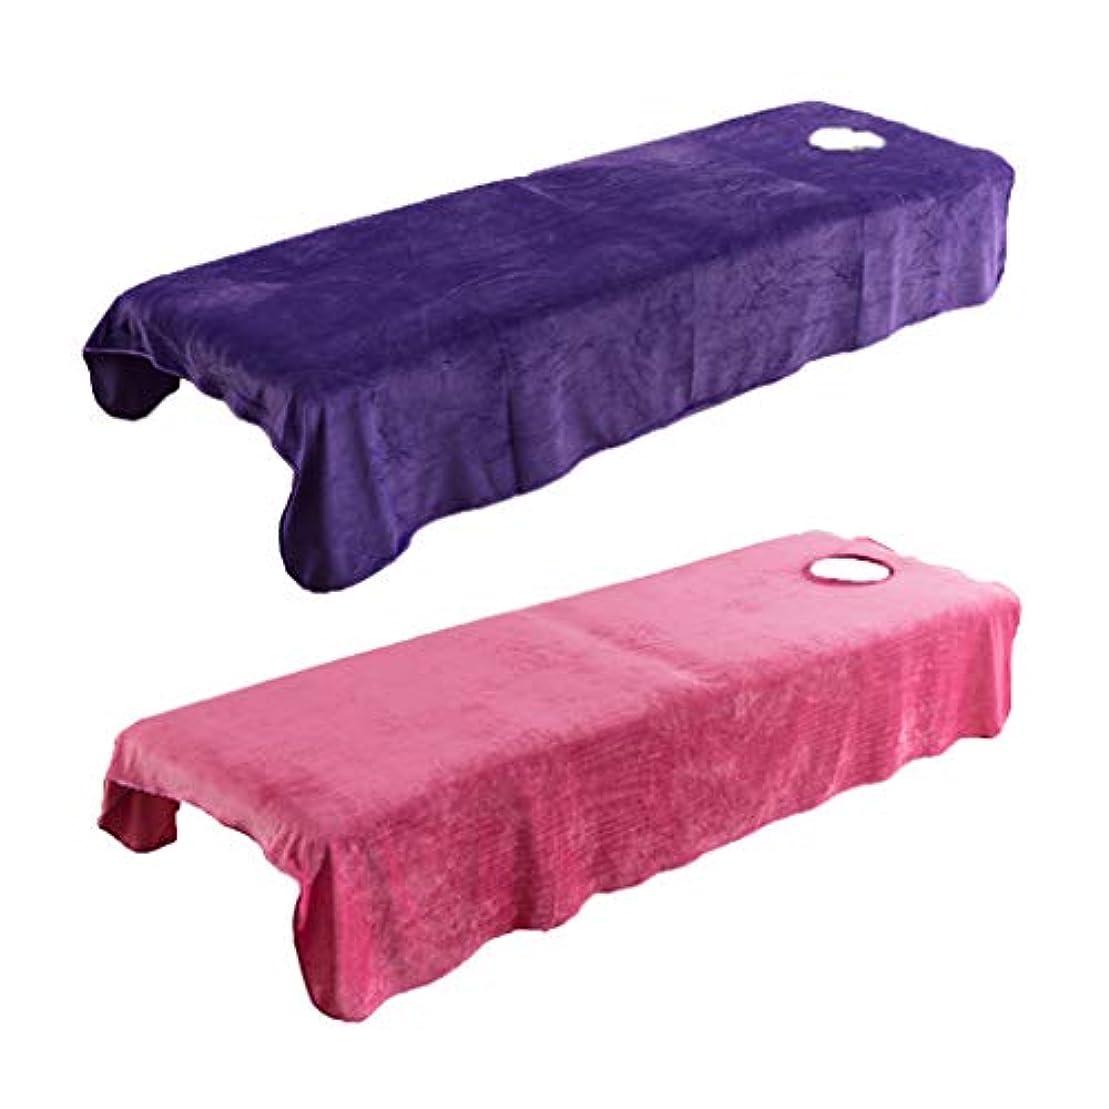 泳ぐ意欲値2枚 スパ マッサージベッドカバー 有孔 美容ベッドカバー マッサージ台シーツカバー 快適 通気性